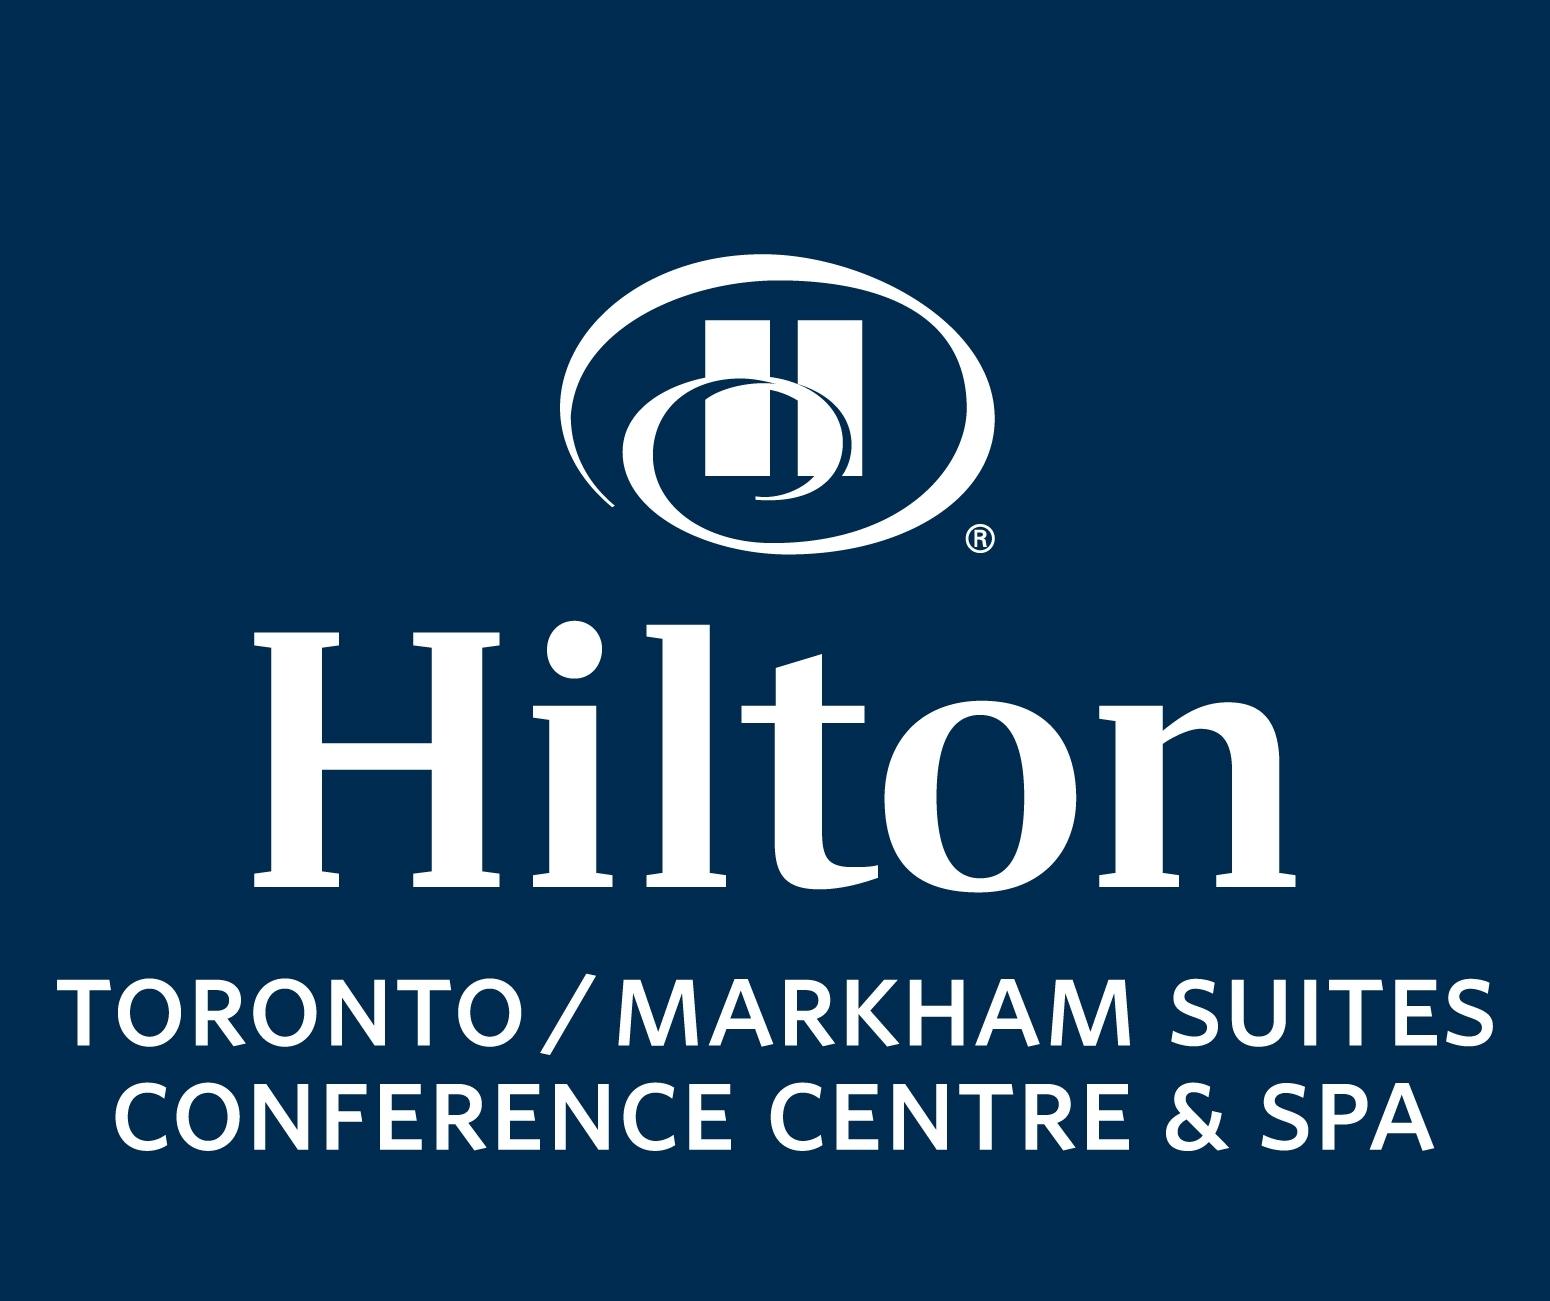 Hilton Toronto / Markham Suites Conferences Centre & Spa